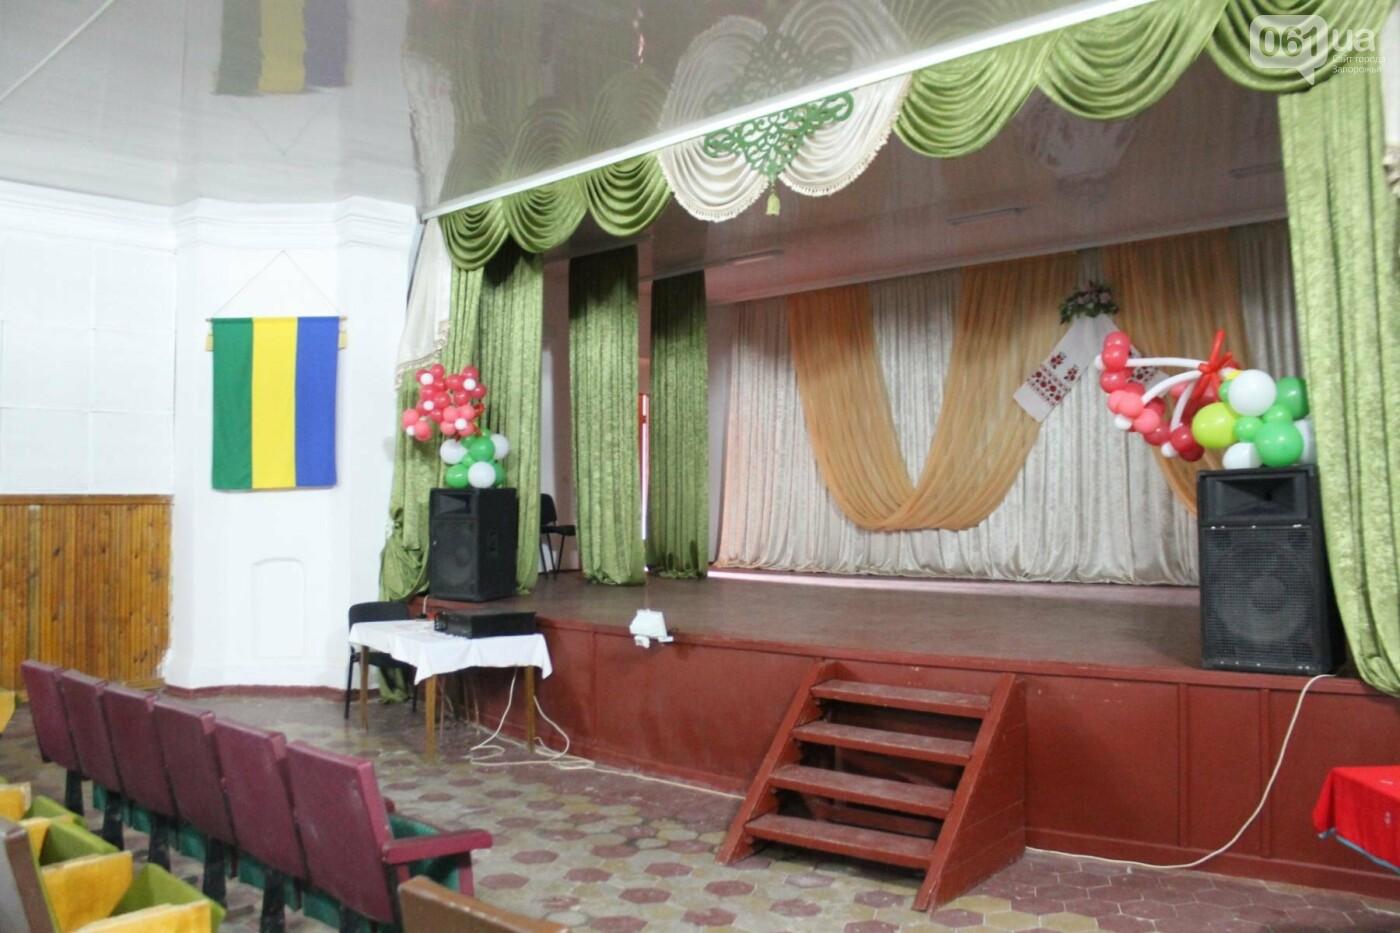 Село, що оживає: як Воскресенська територіальна громада живе після об'єднання, - ФОТОРЕПОРТАЖ, фото-13